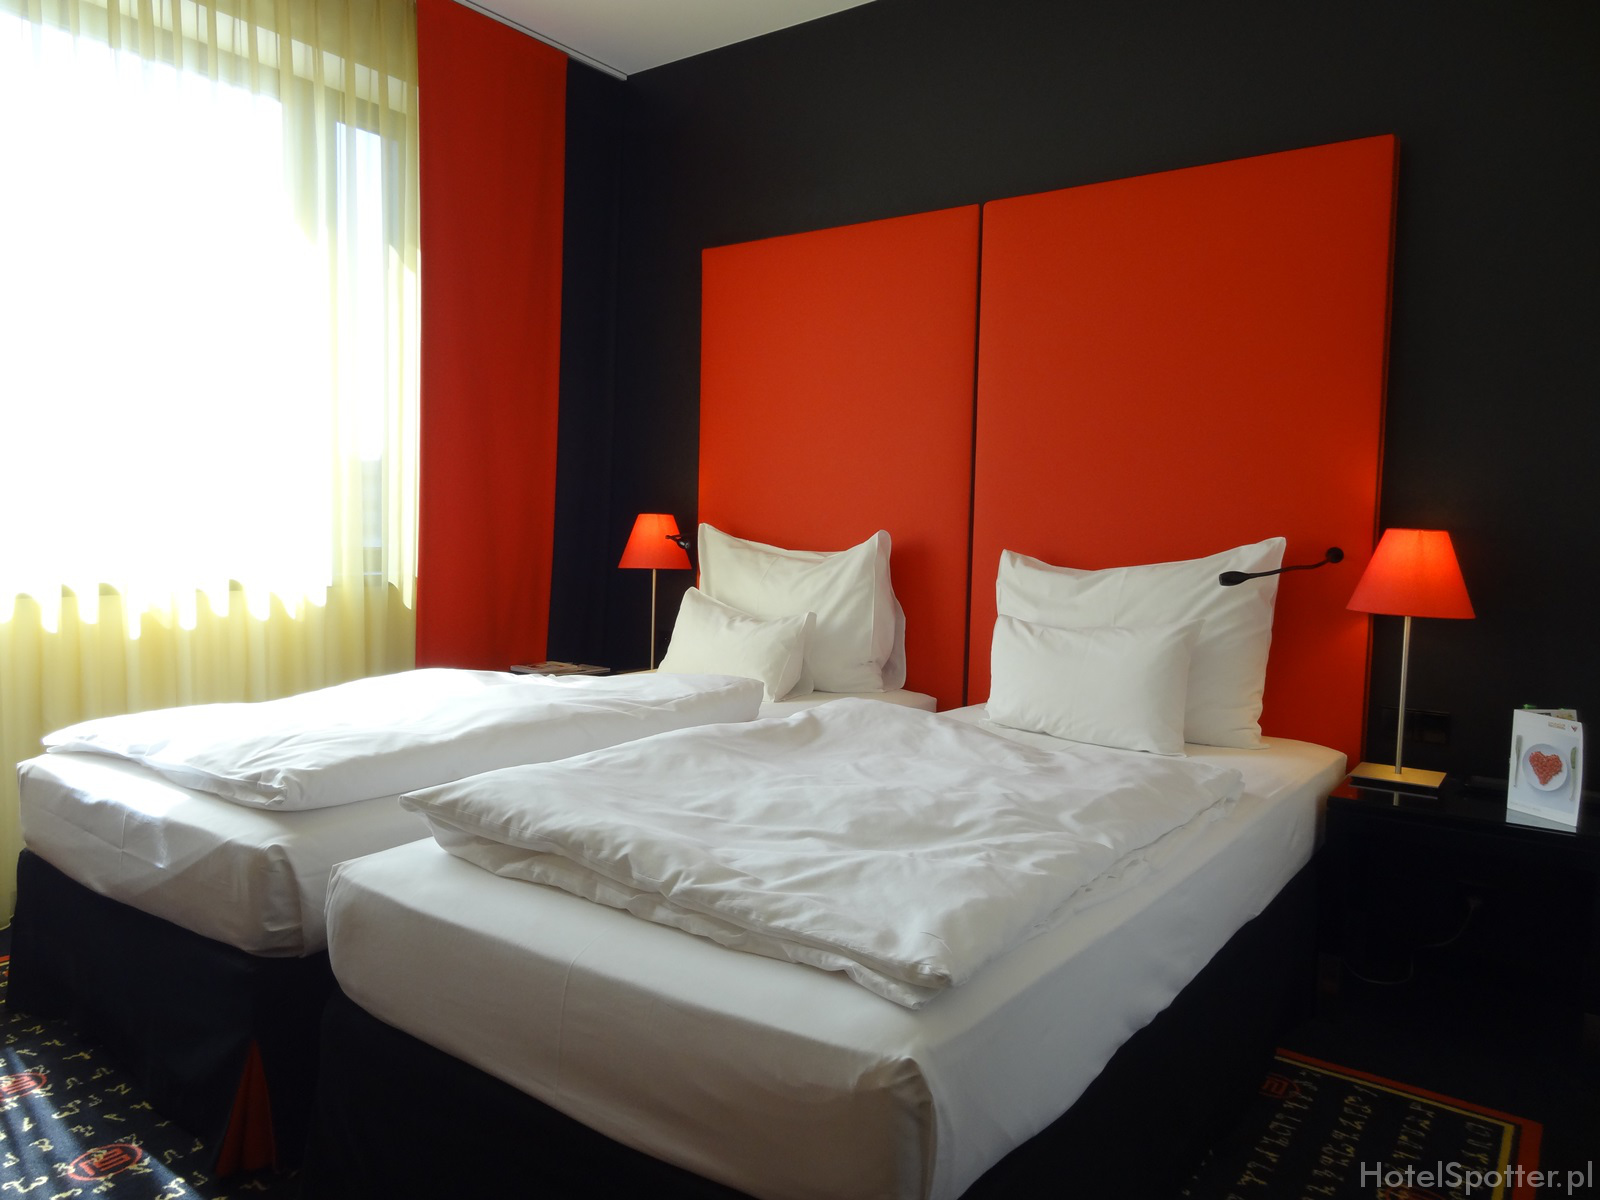 angelo Hotel Katowice - lozka